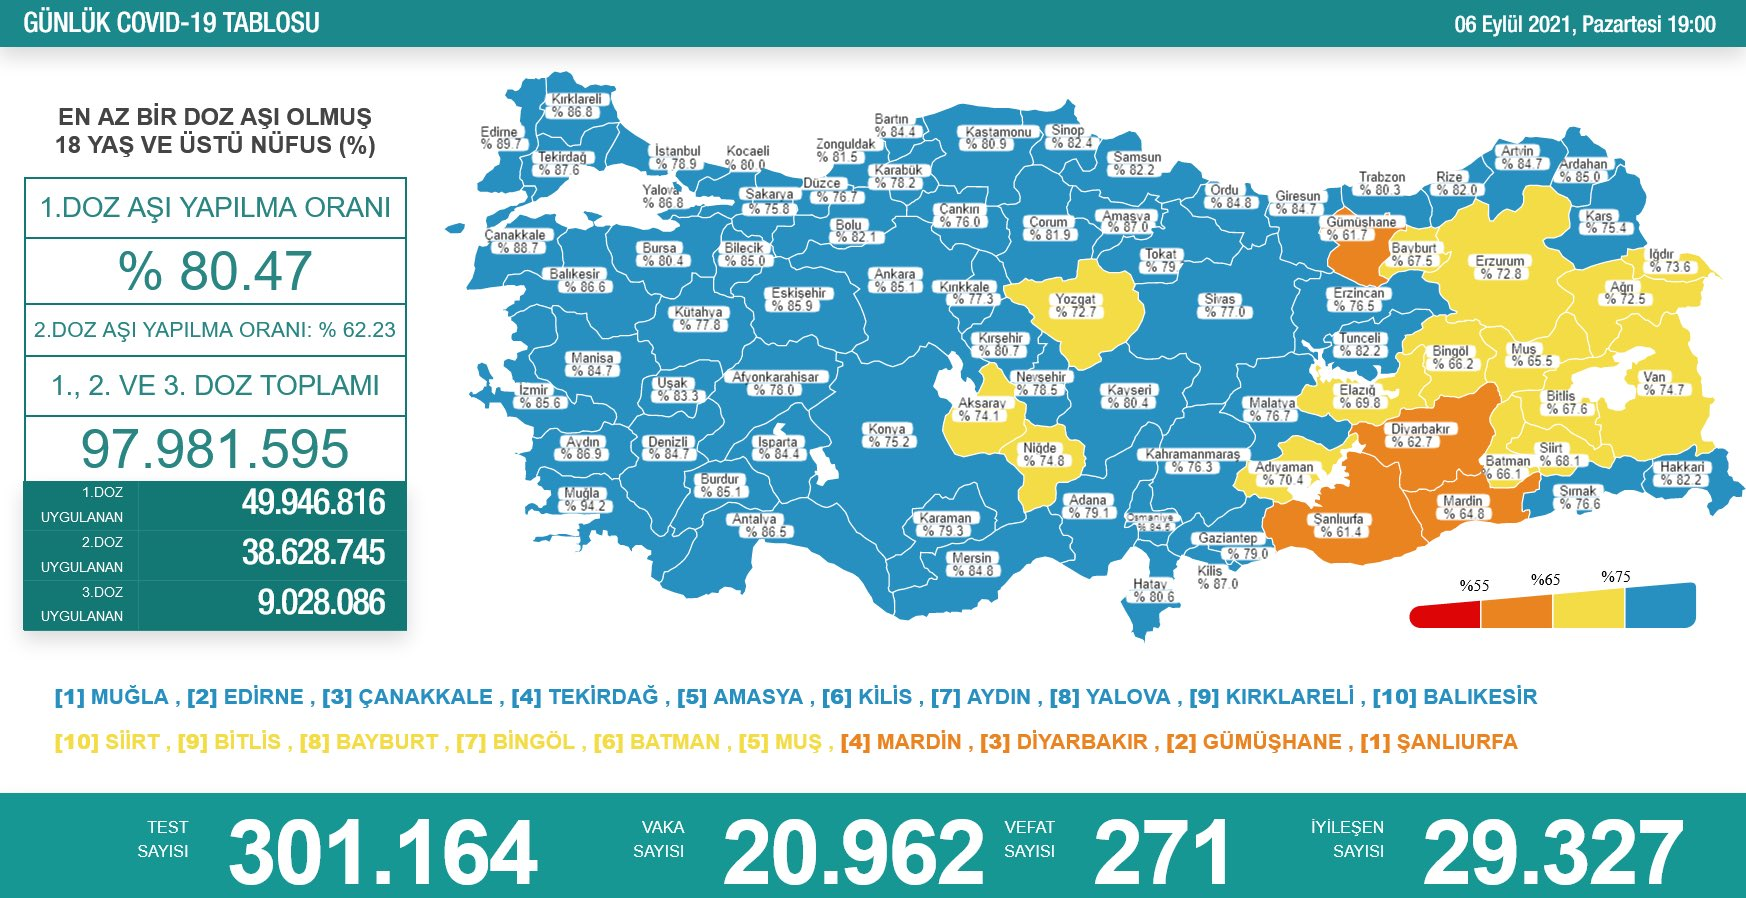 6 Eylül 2021 Türkiye Koronavirüs Tablosu Açıkladı